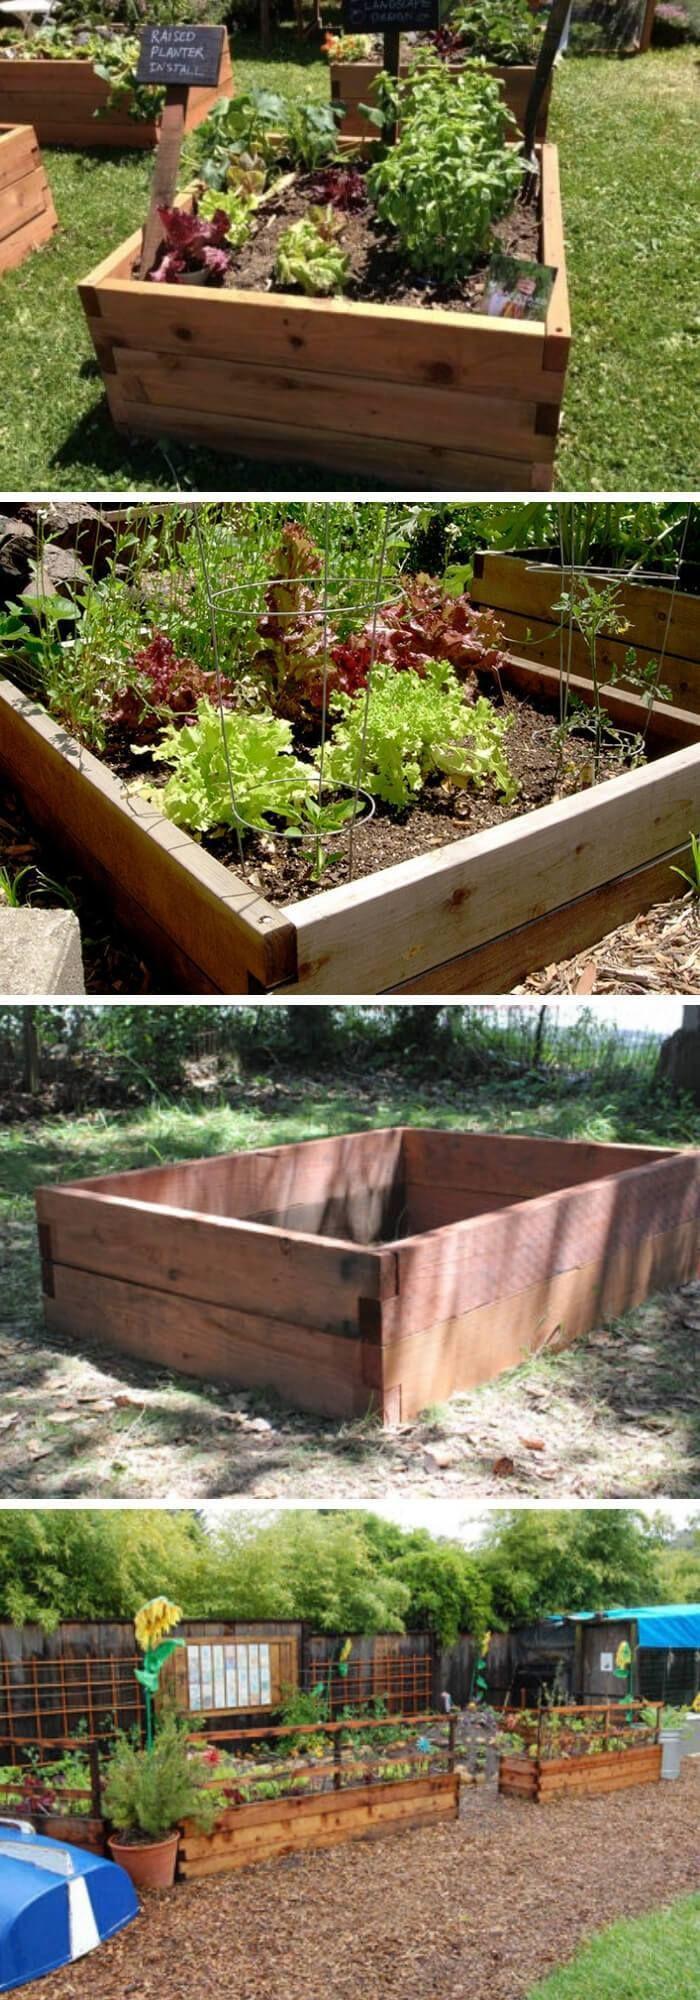 Urban Gardening: How To Build A Raised Bed (15 Ideas) #erhöhtegartenbeete